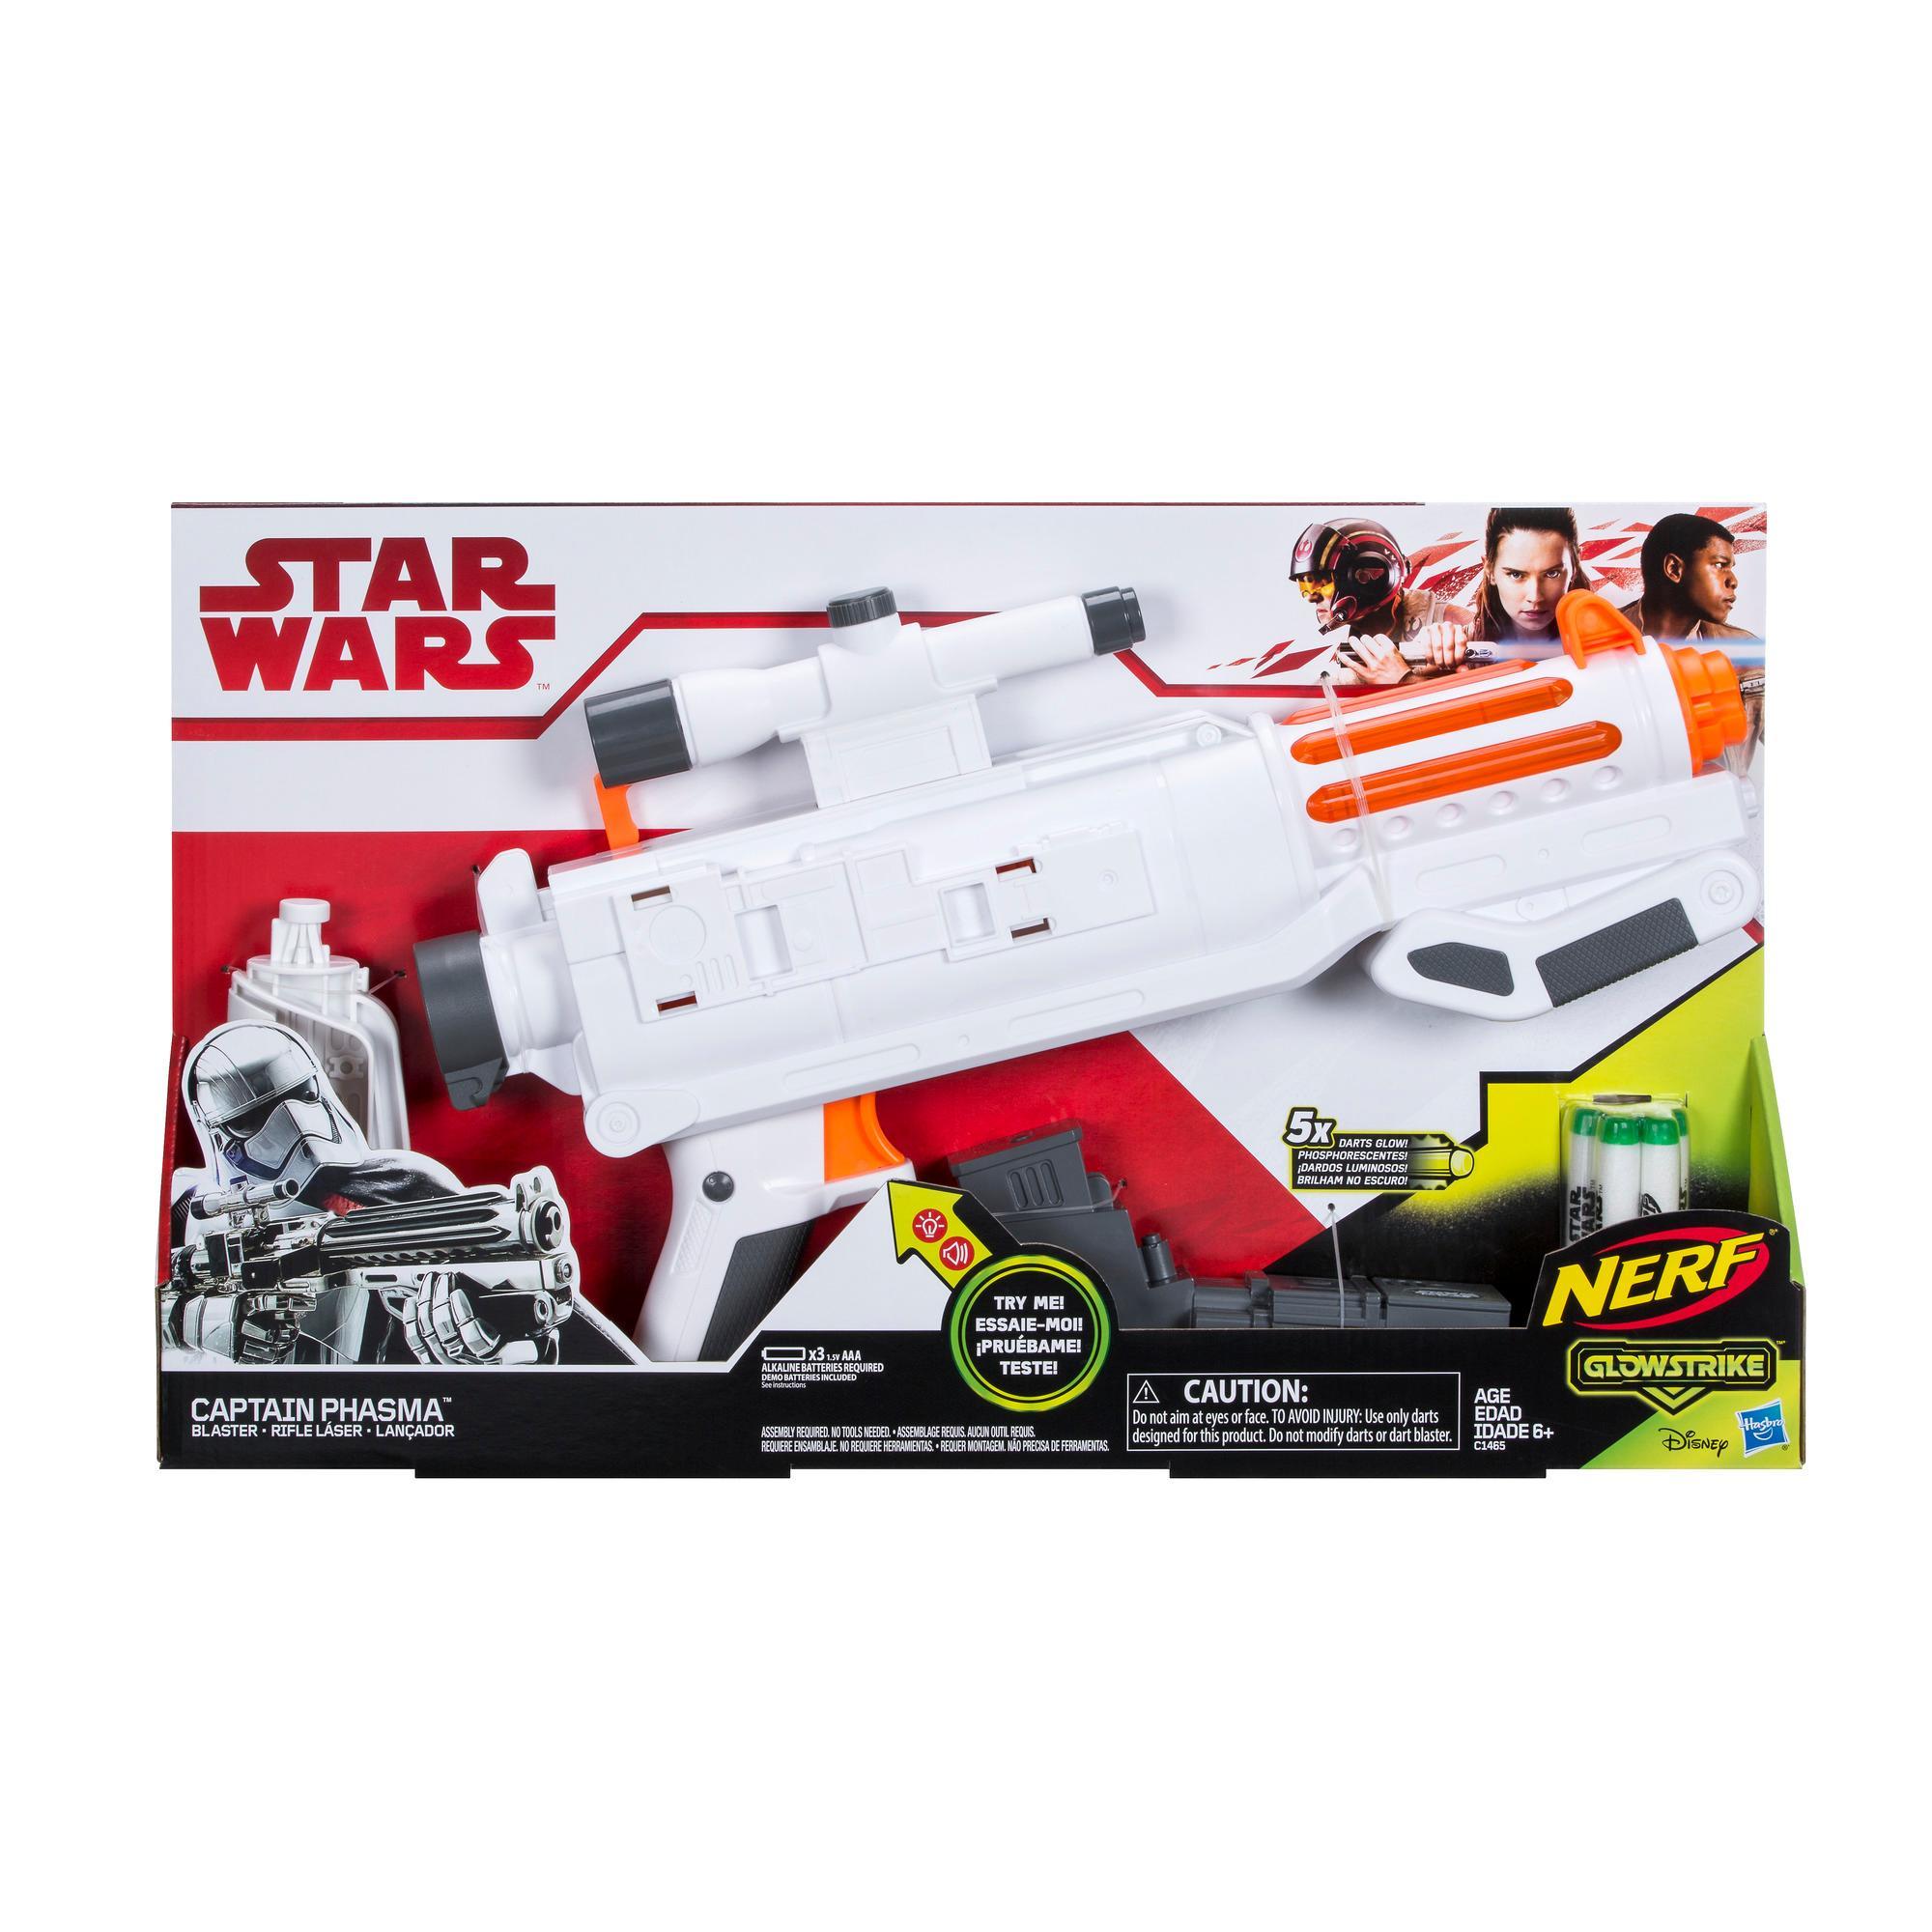 Star Wars Nerf - Capitán Phasma - Rifle láser